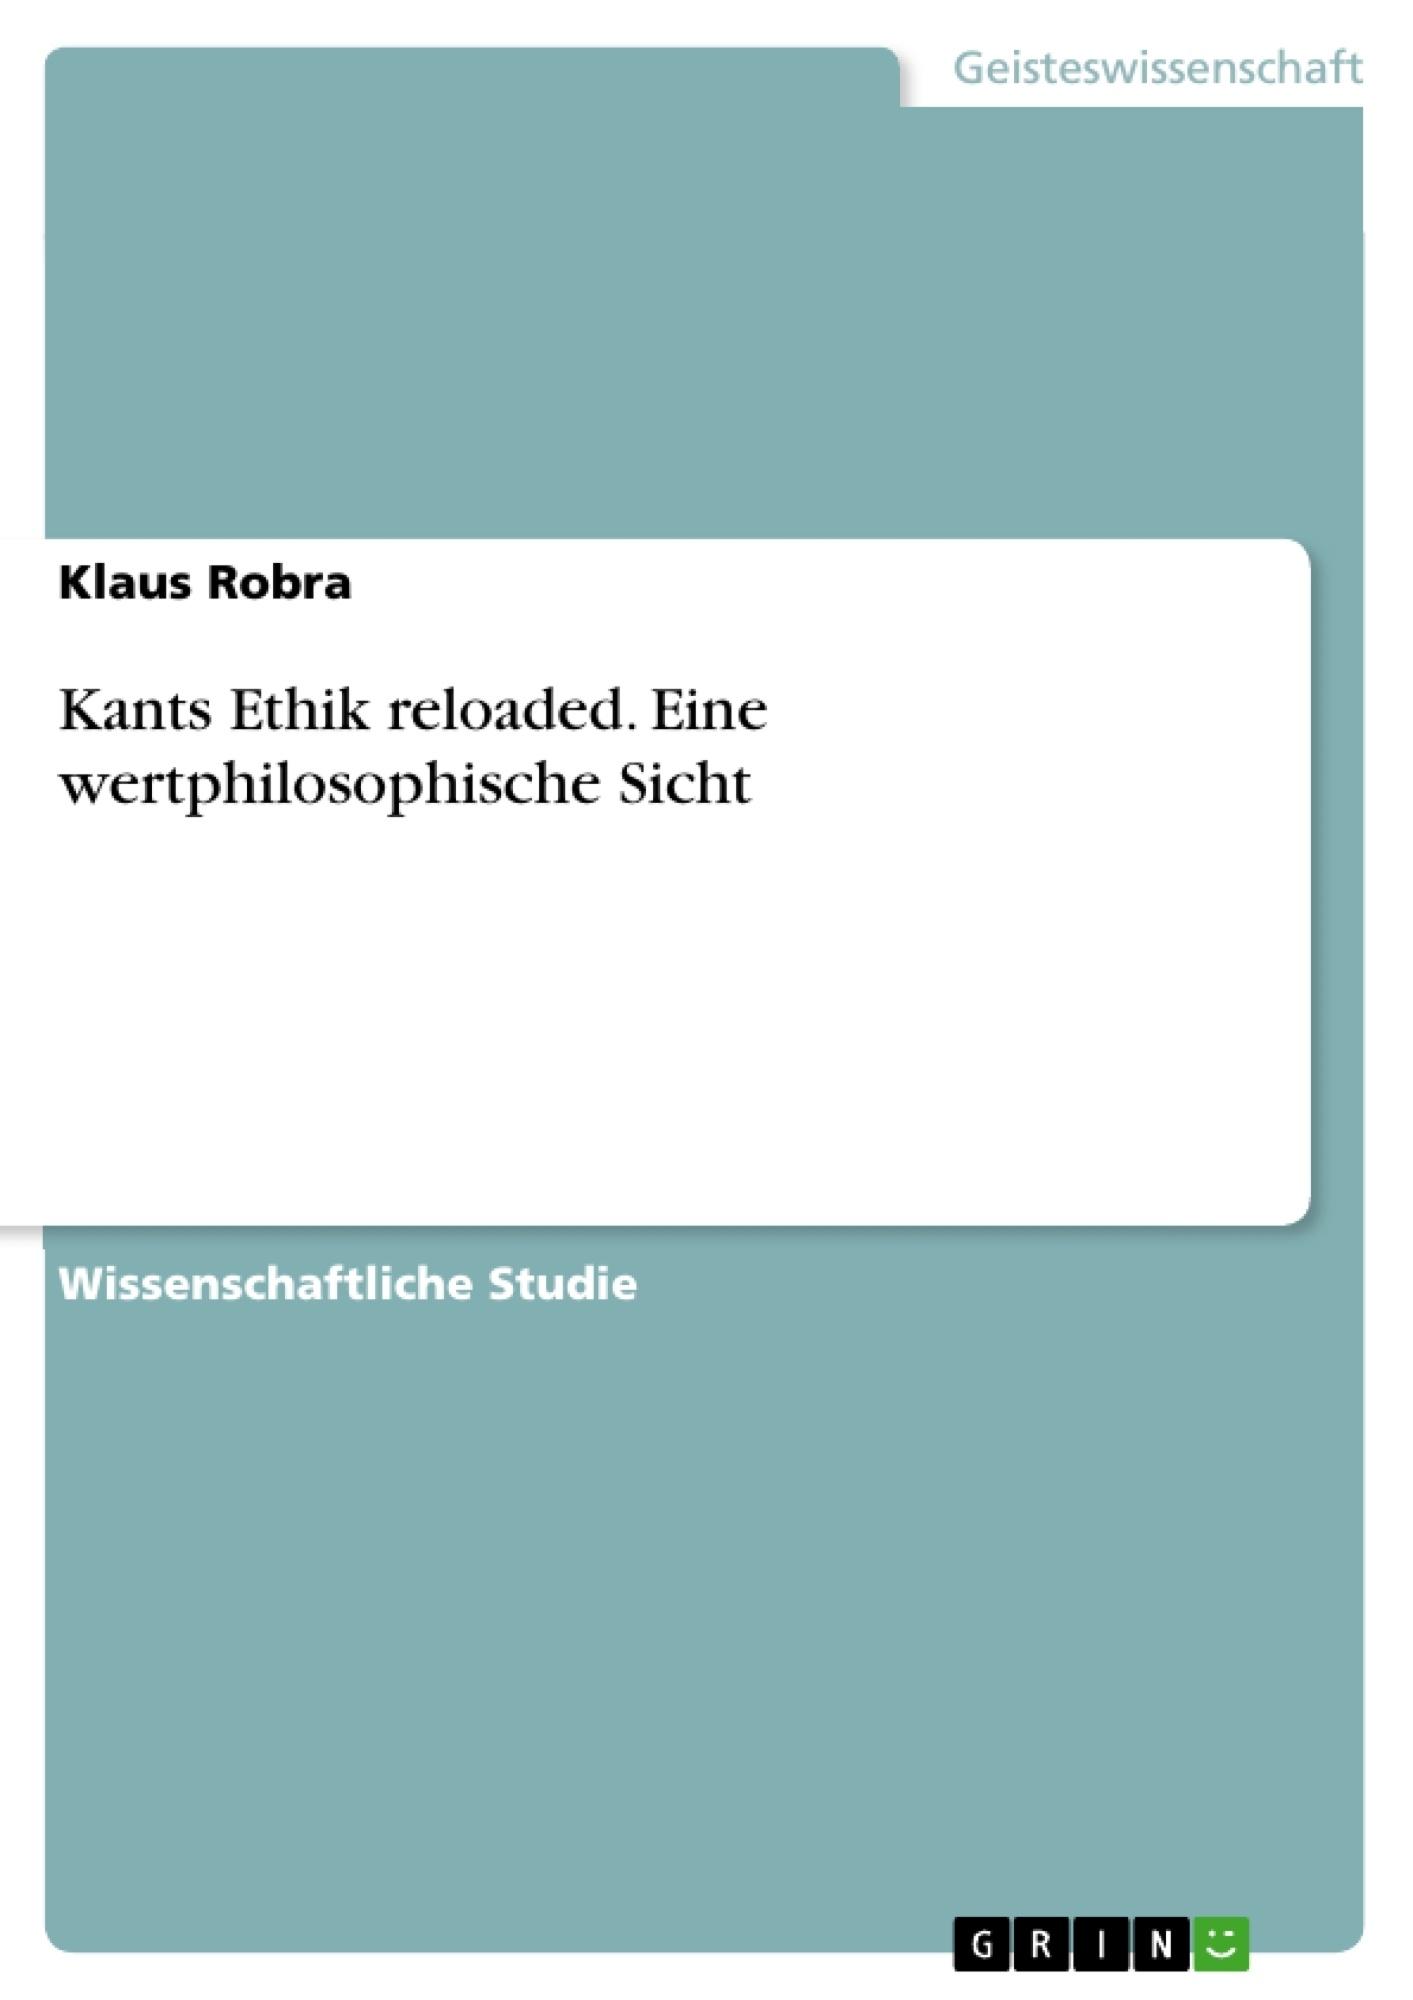 Titel: Kants Ethik reloaded. Eine wertphilosophische Sicht